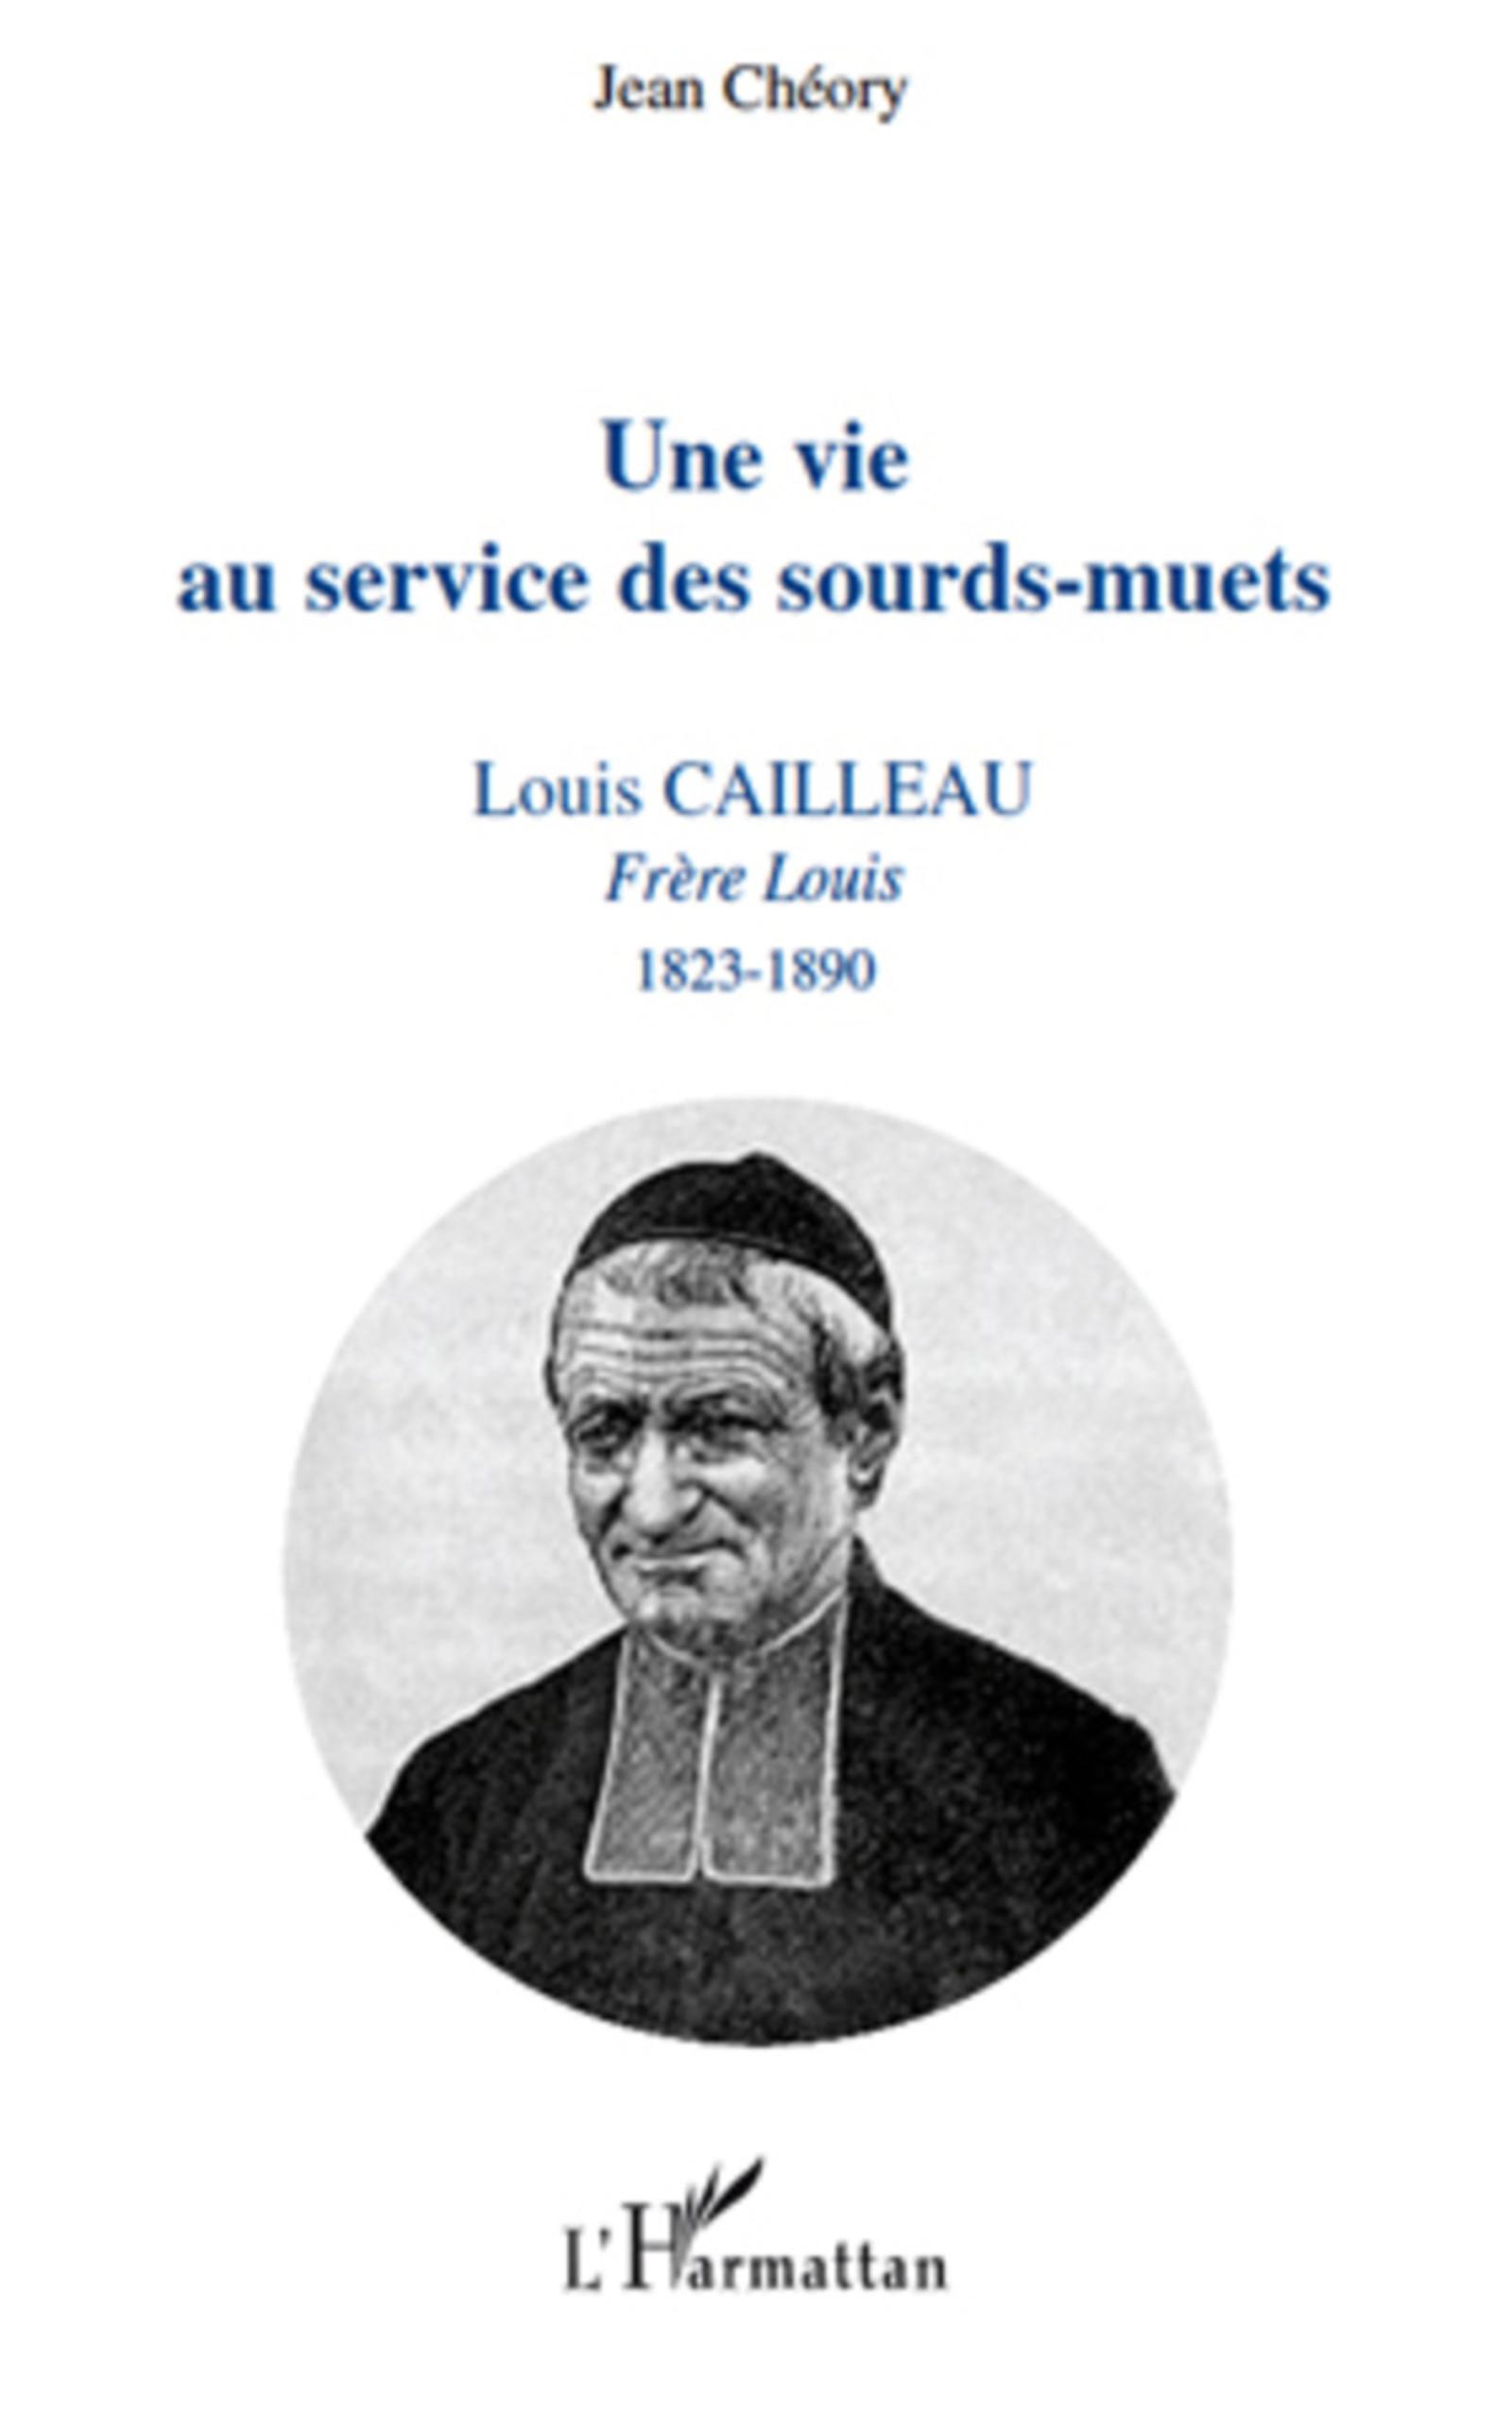 Une vie au service des sourds-muets. Louis Cailleau, Frère Louis, 1823-1890 - Jean Chéory